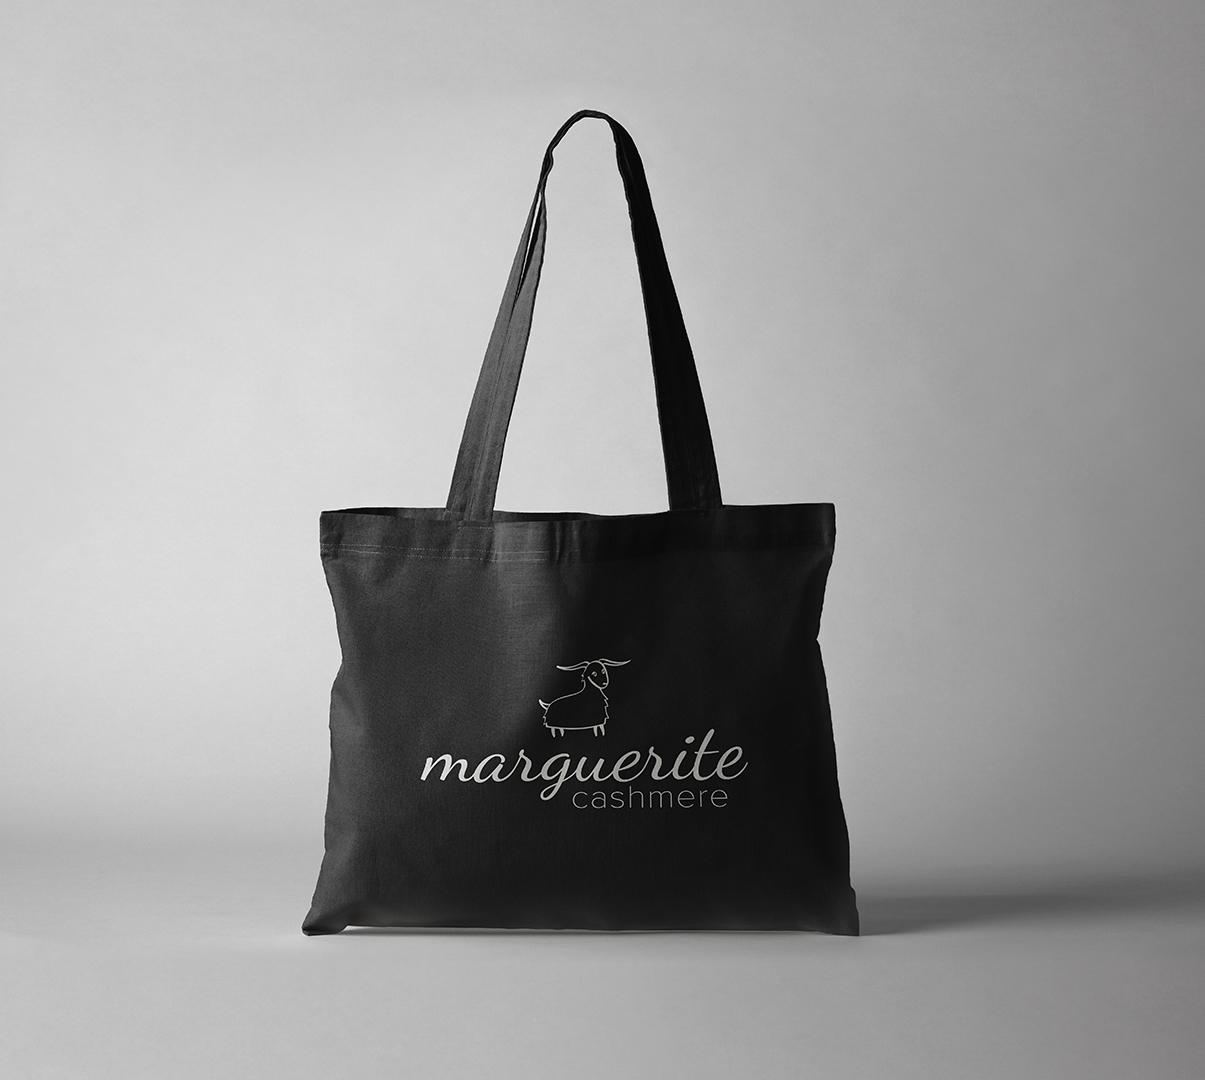 torby bawełniane z logo